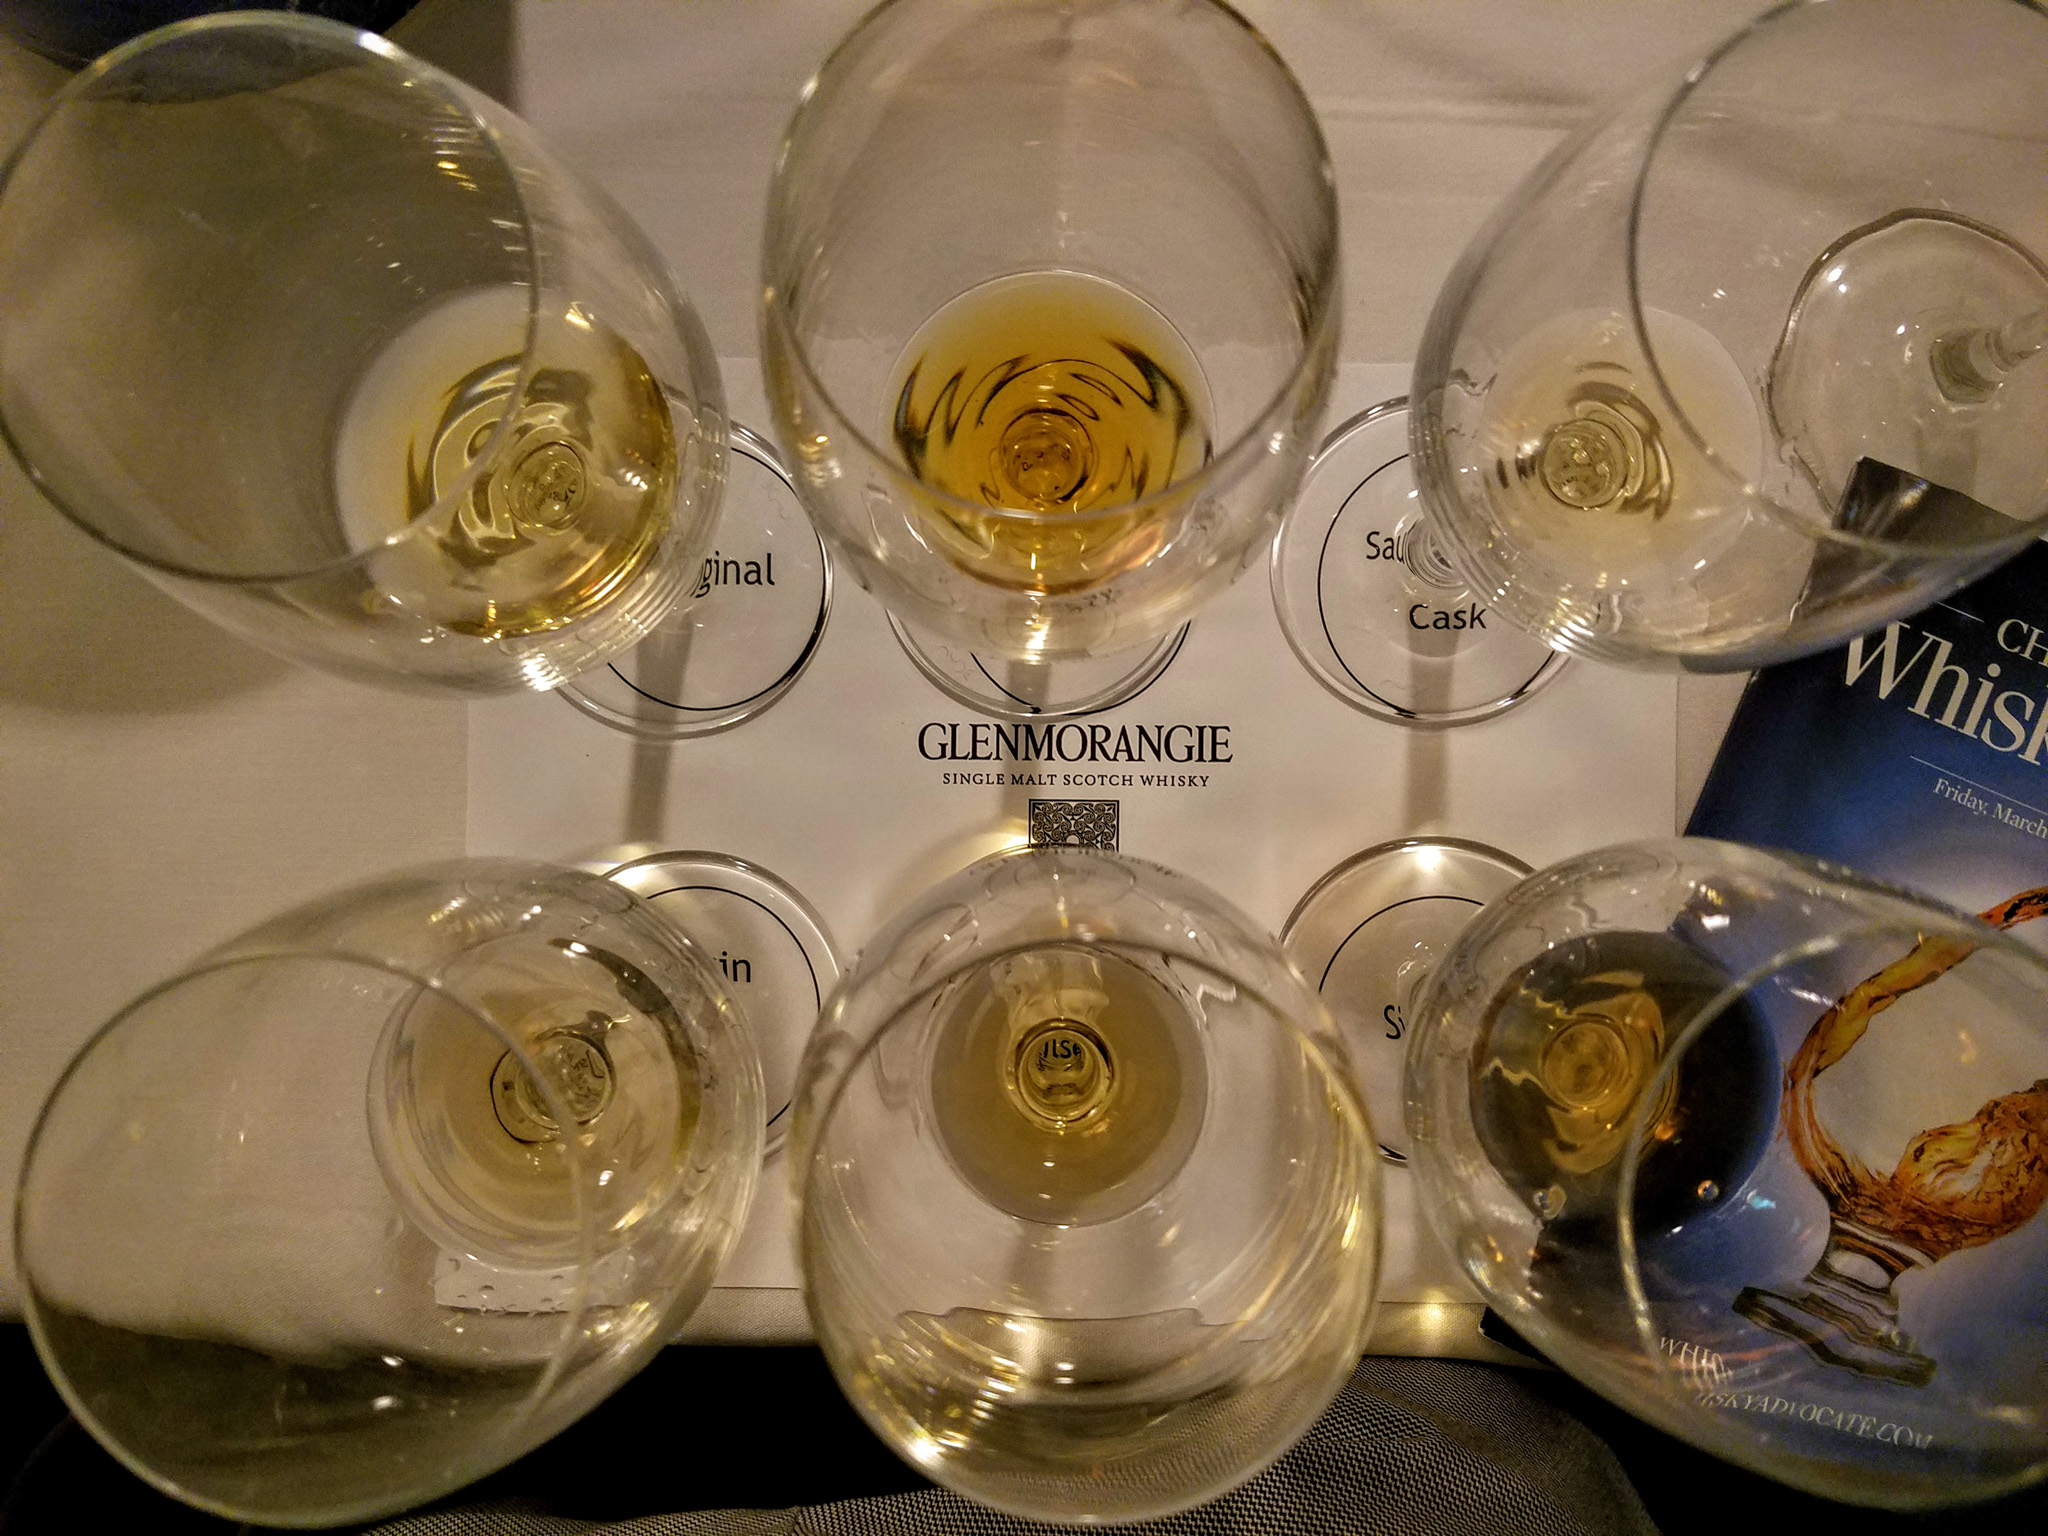 Glenmorangie samples